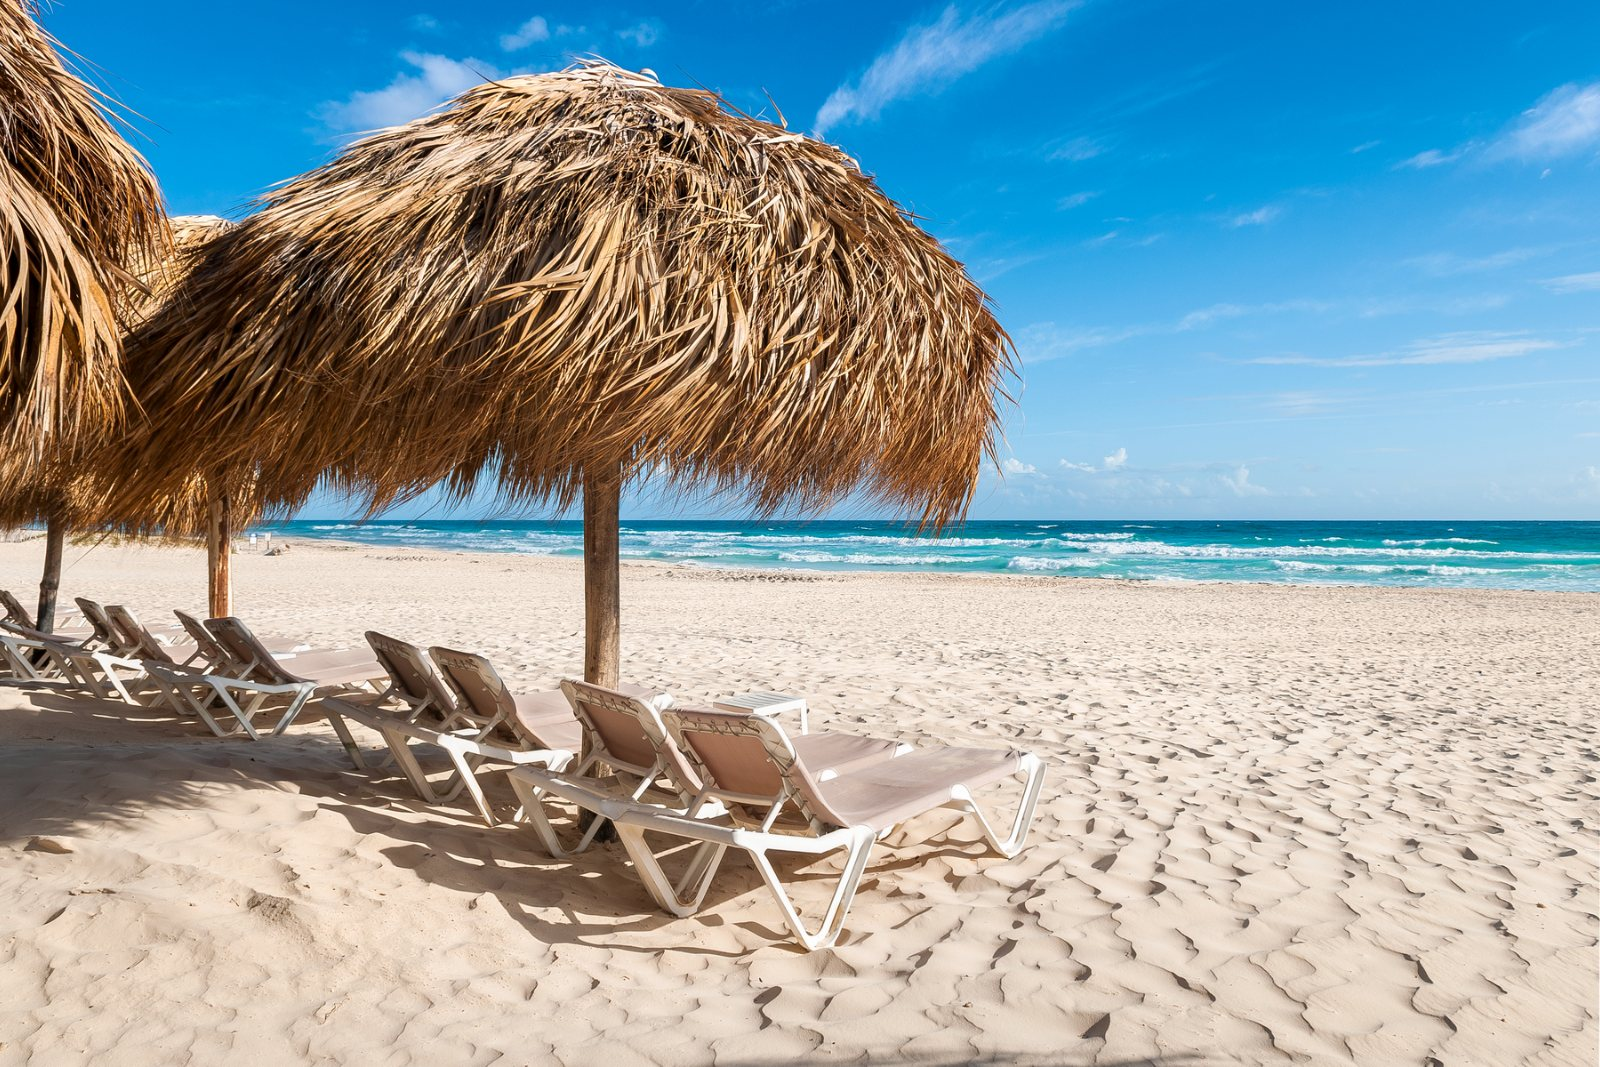 HRHC_Punta_Cana_Beach_6524